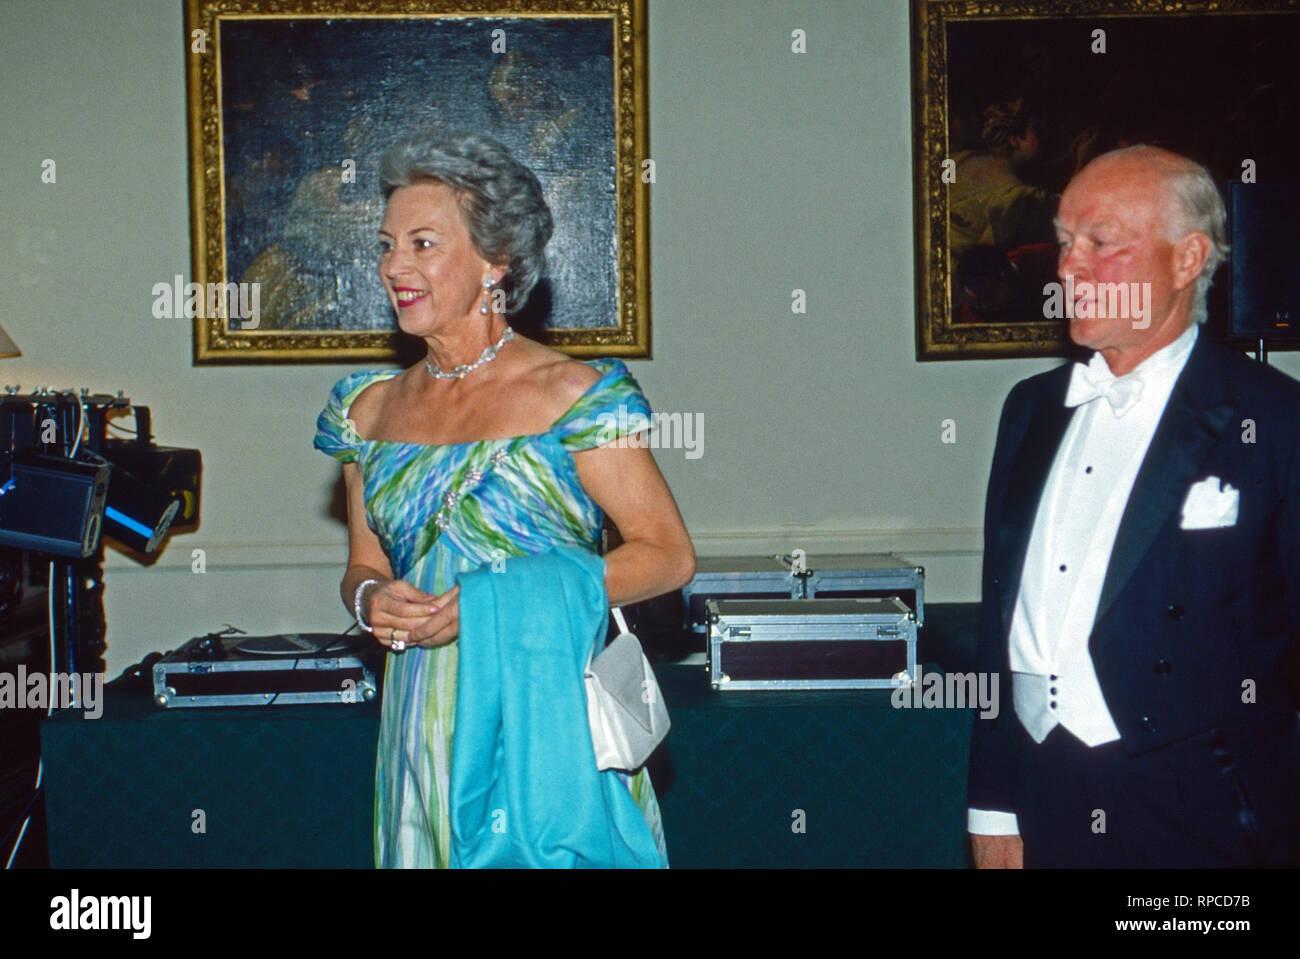 Richard Prinz zu Sayn-Wittgenstein-Berleburg mit Gemahlin Benedikte, Deutschland 2004. Richard Prince zu Sayn-Wittgenstein-Berleburg with his wife Benedikte, Germany 2004. - Stock Image